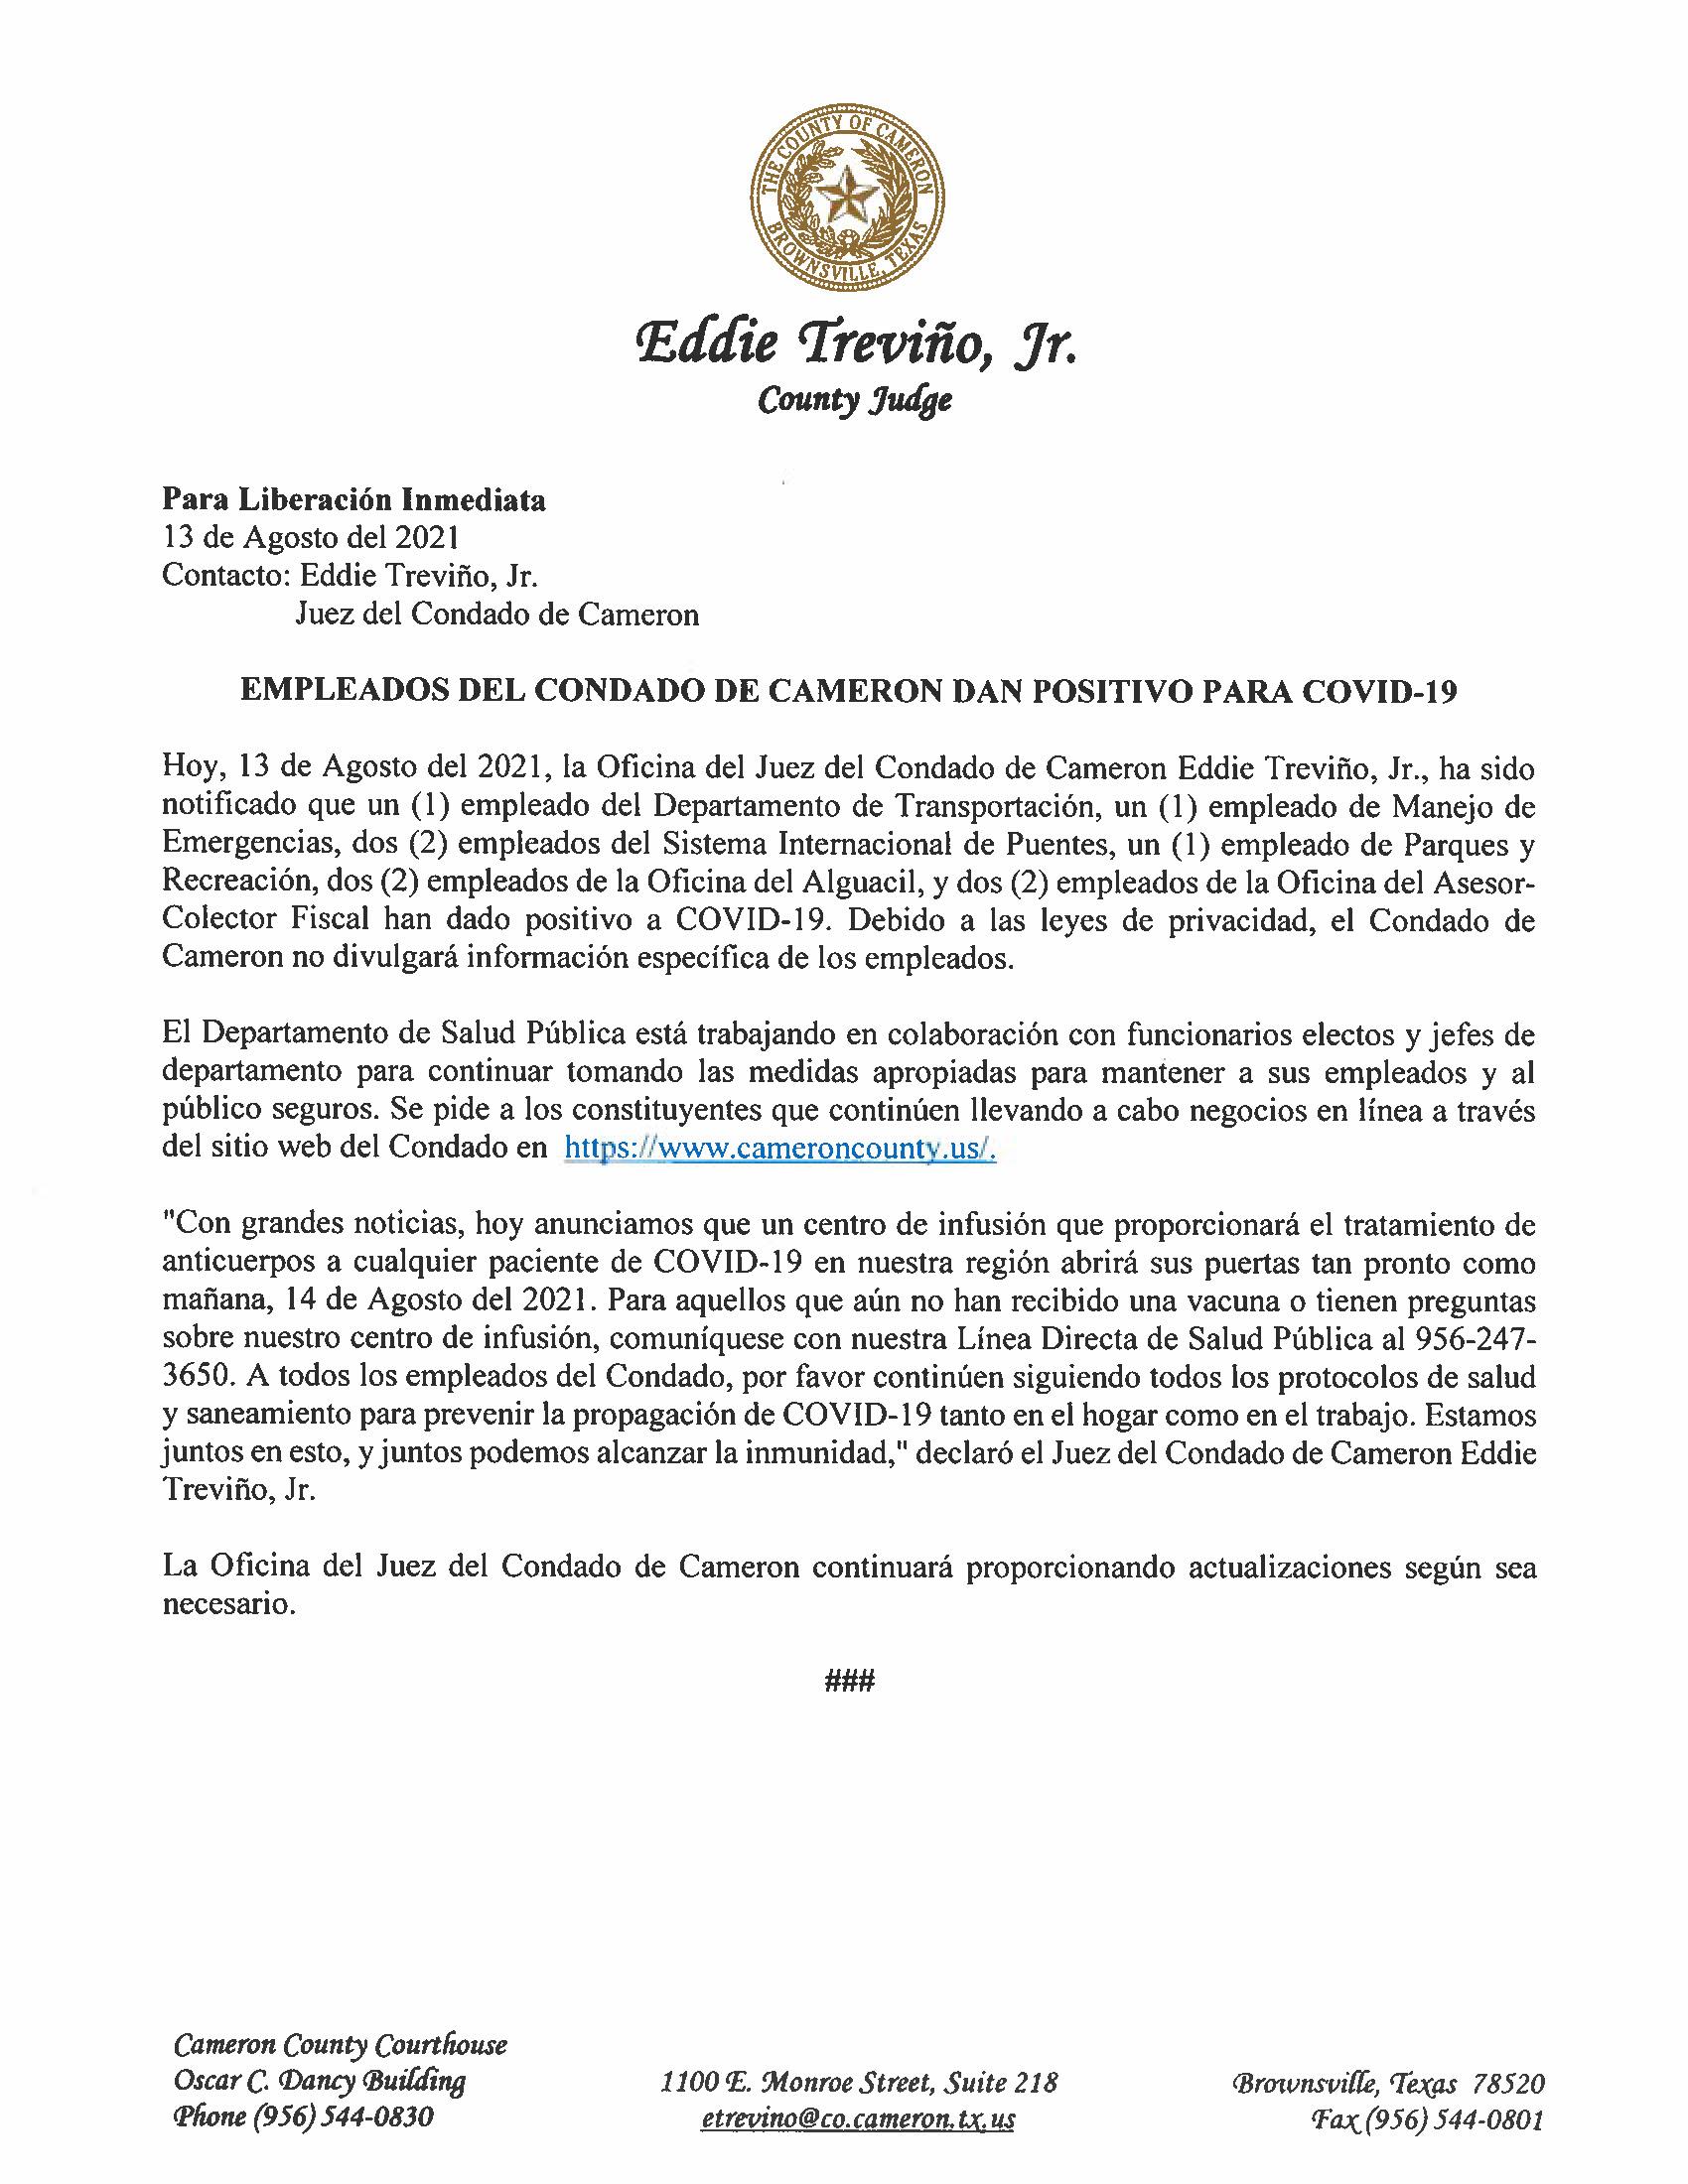 8.13.21 Empleados Del Condado De Cameron Dan Positivo Para COVID 19